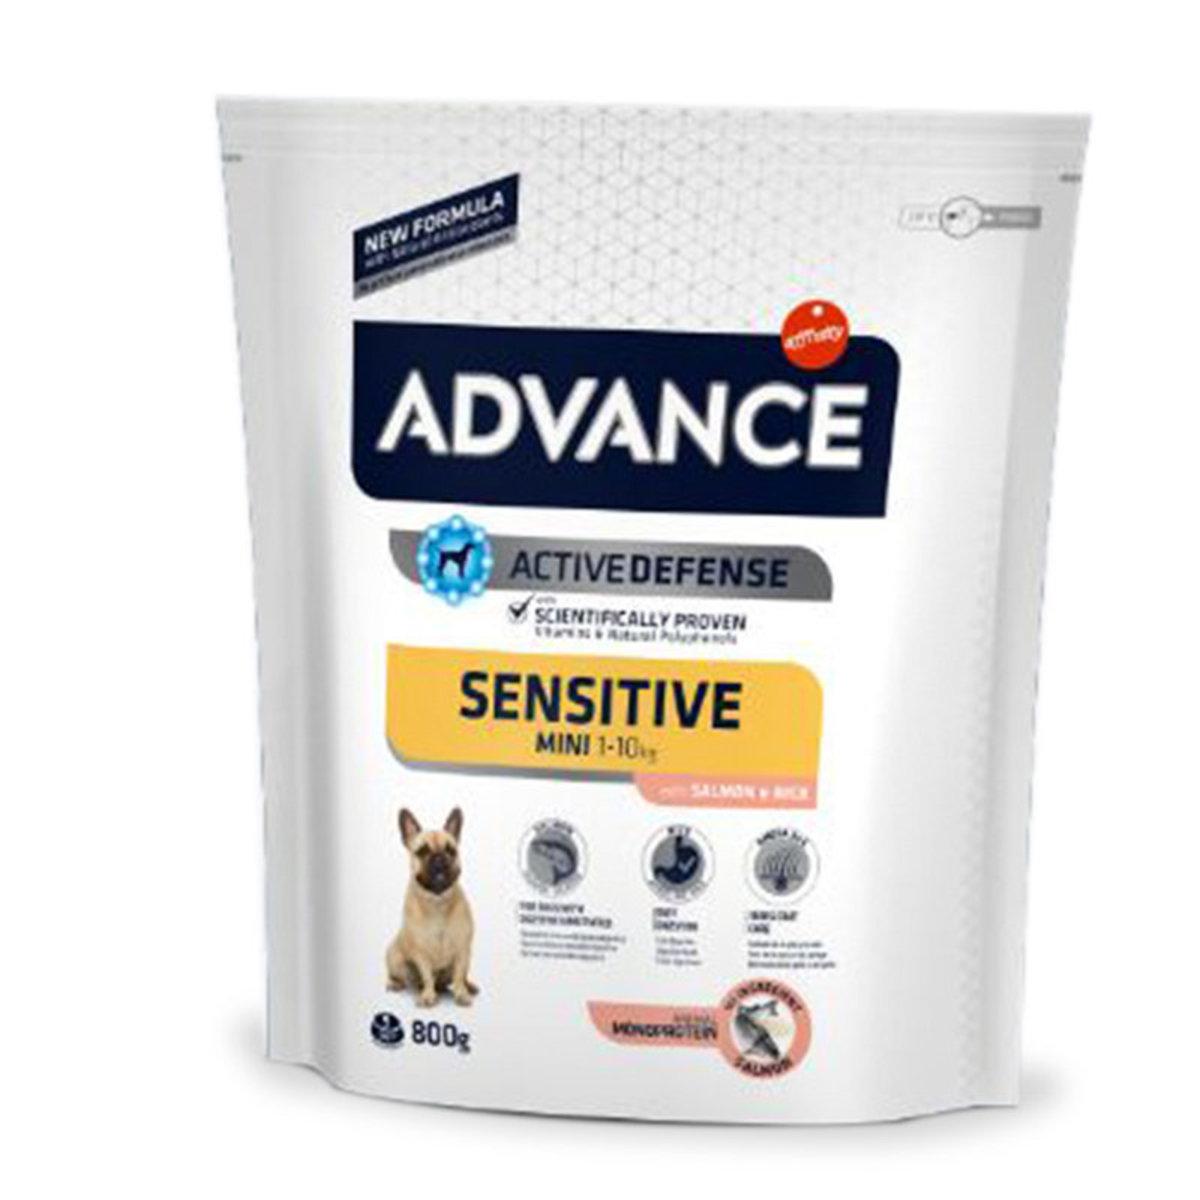 Advabce Activedefense Sensitve Medium-Maxi